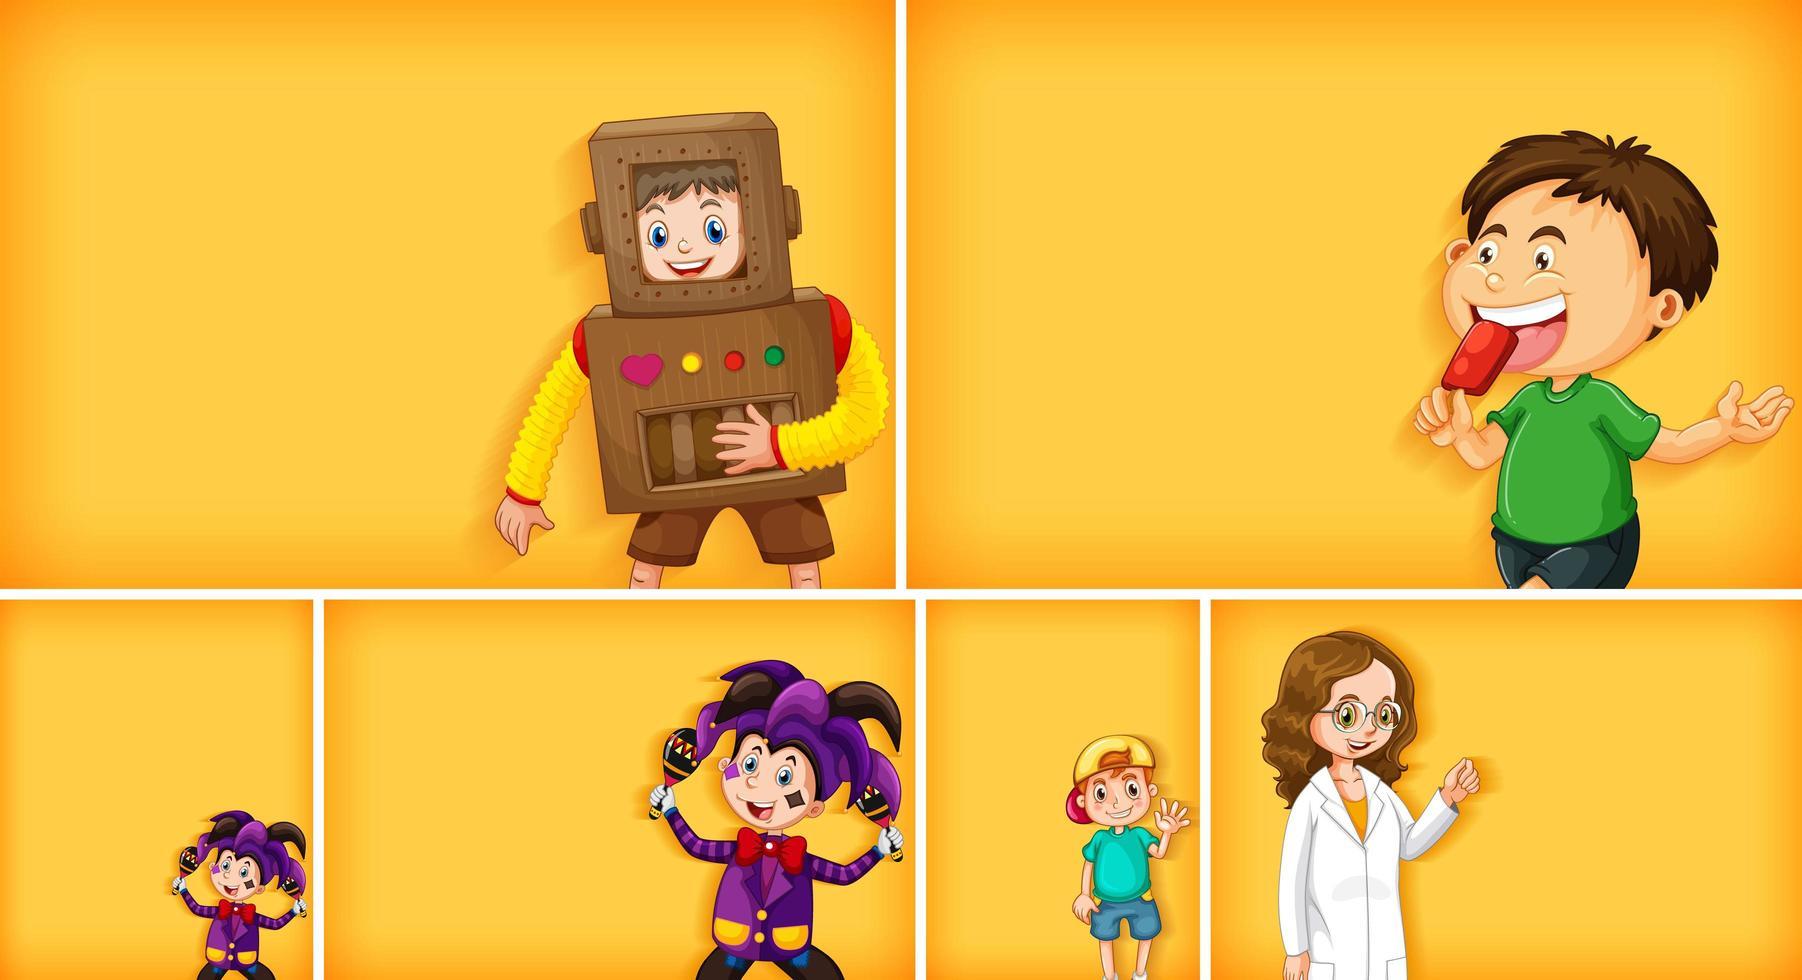 Satz verschiedene Kindercharaktere auf gelbem Farbhintergrund vektor